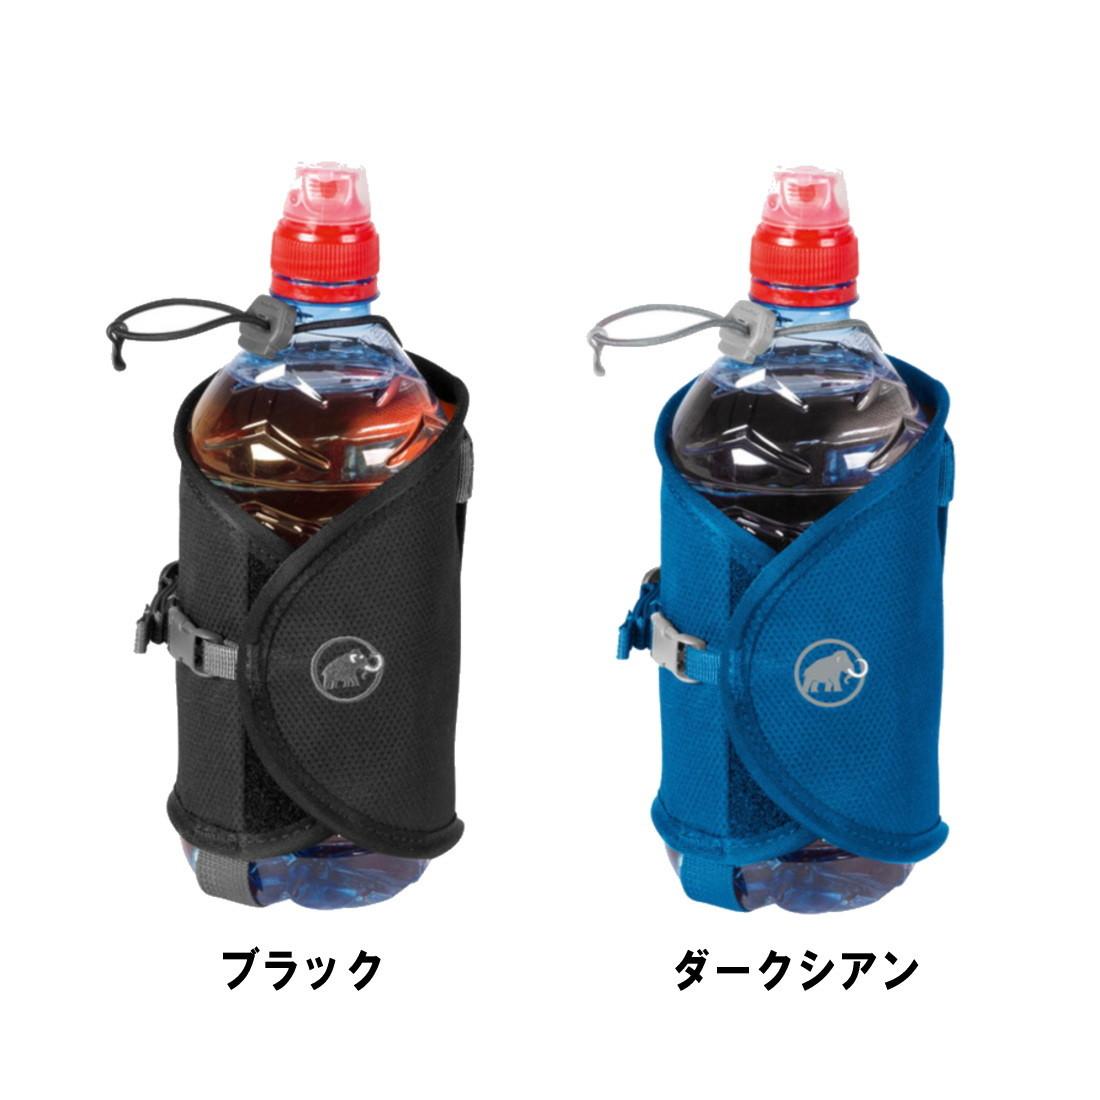 マムート アドオン ボトル ホルダー 小物入れ  国内正規品